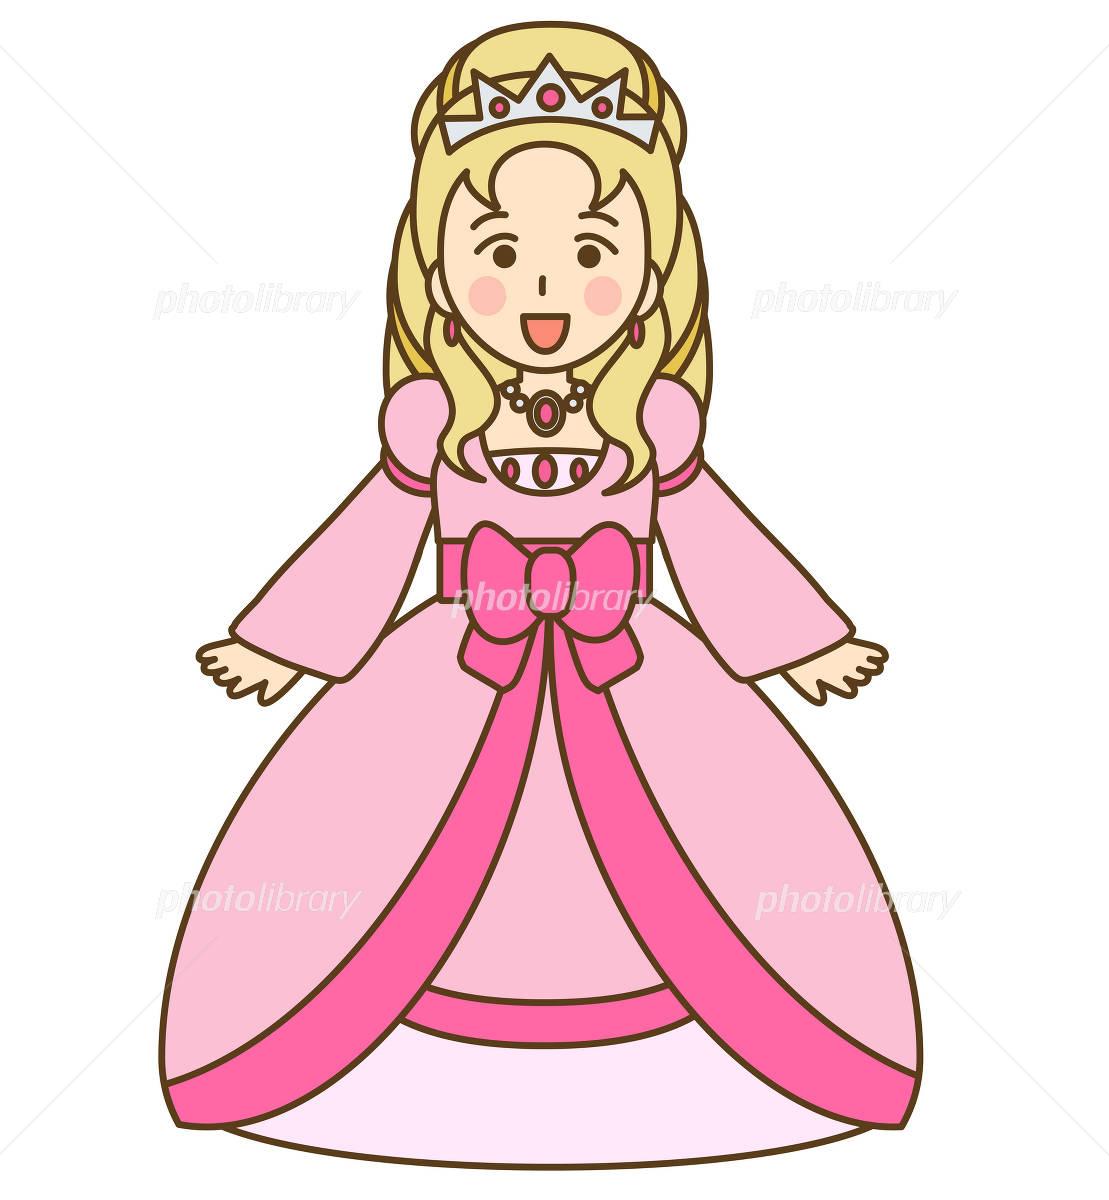 ãã姫æ§ãã®ç»åæ¤ç´¢çµæ